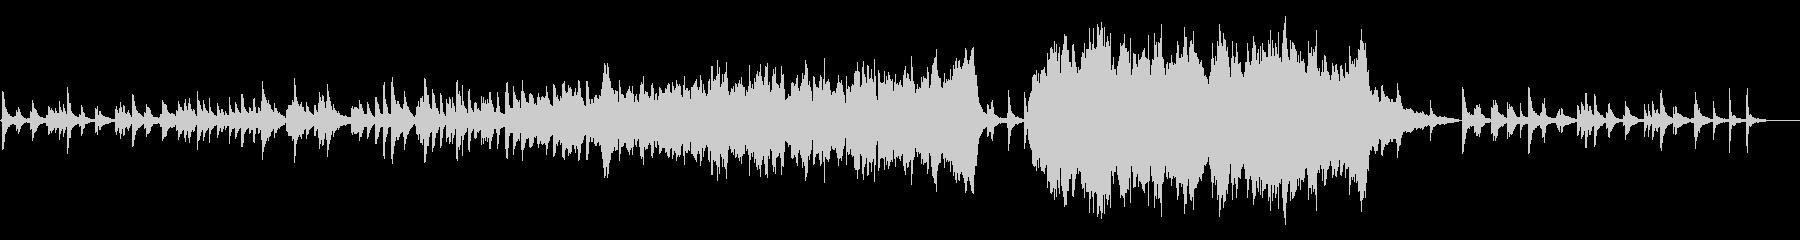 感動的なオーケストラ/卒業式/泣ける曲の未再生の波形